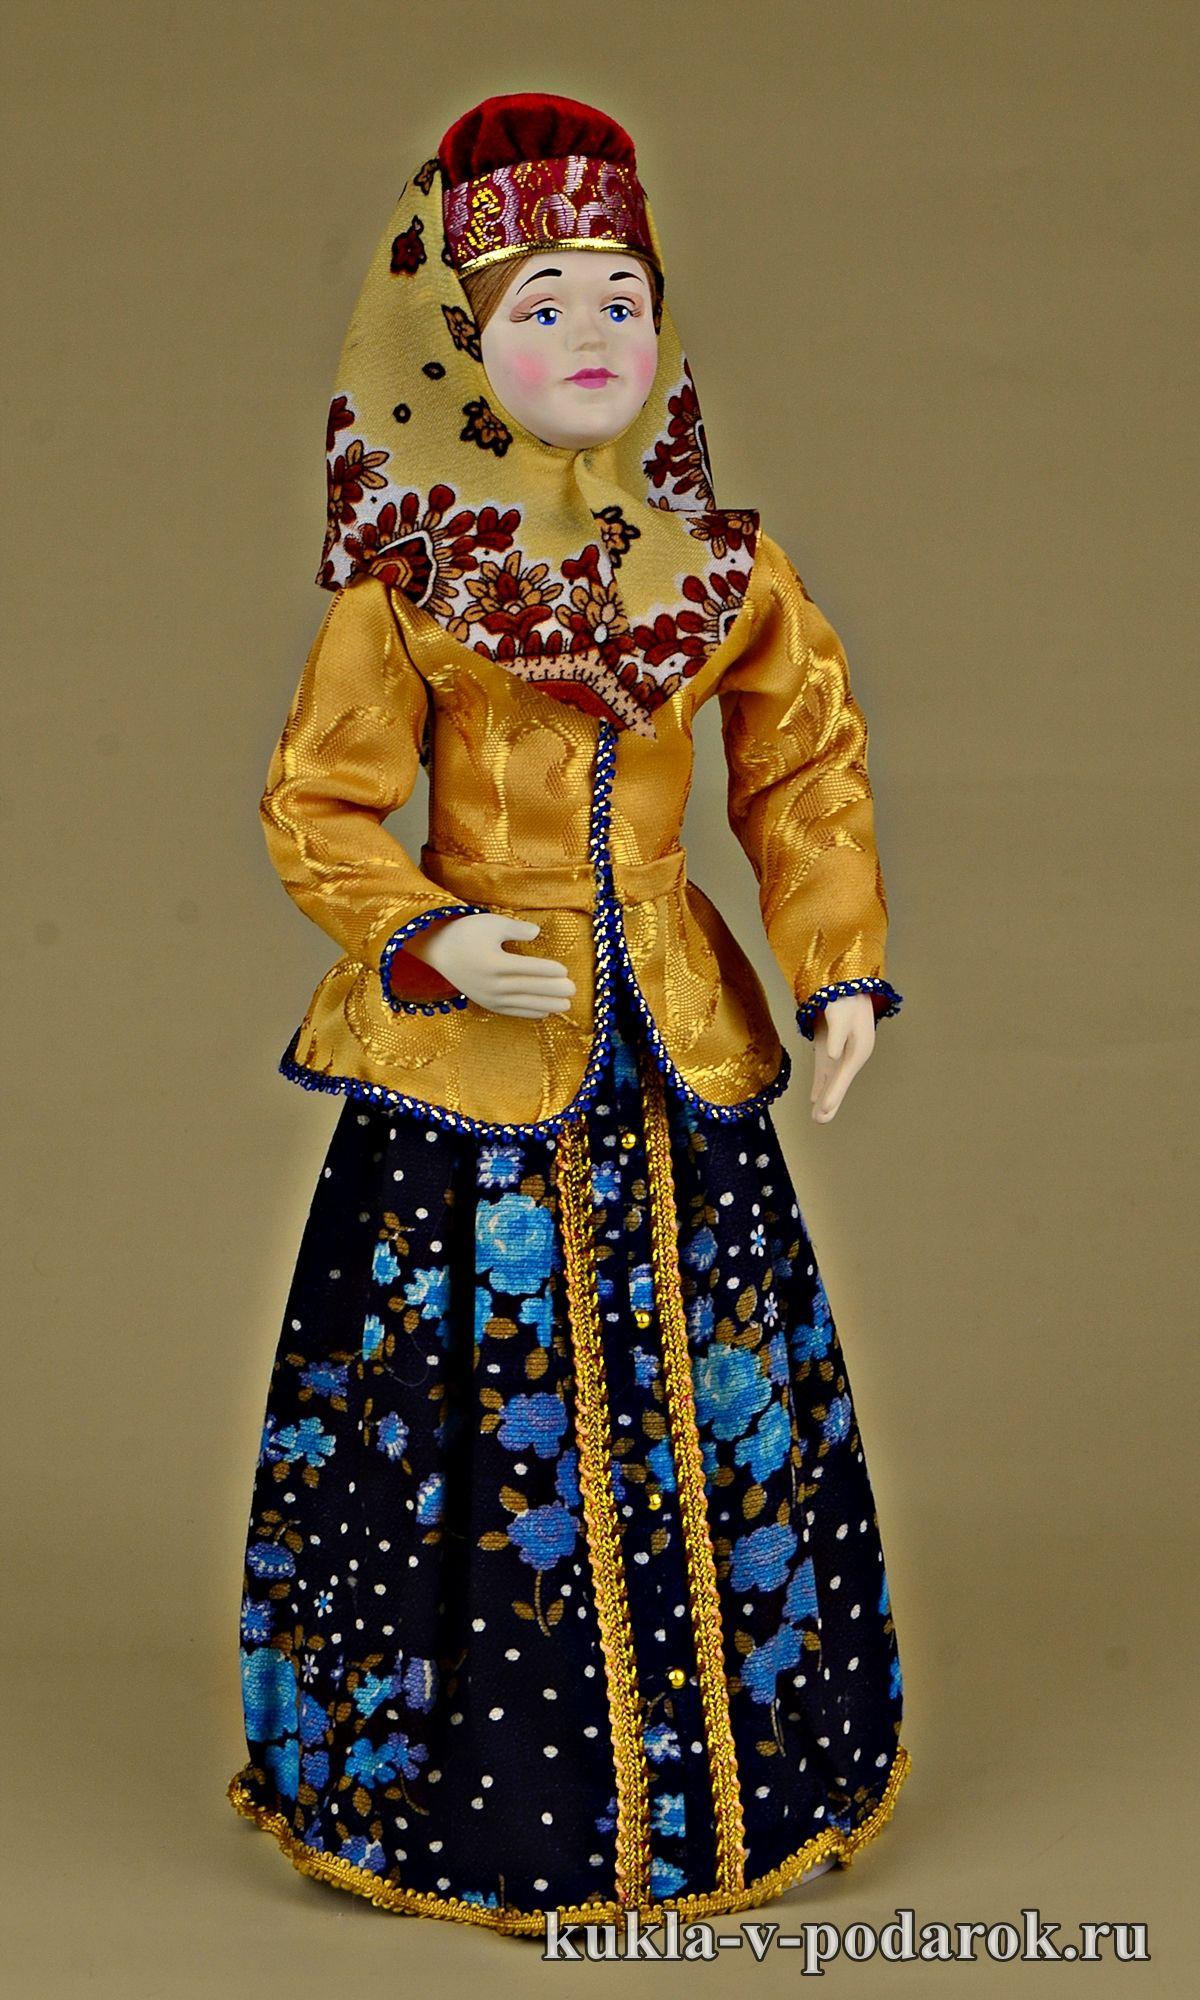 Кукла в вологодском национальном костюме. Ручная работа ...